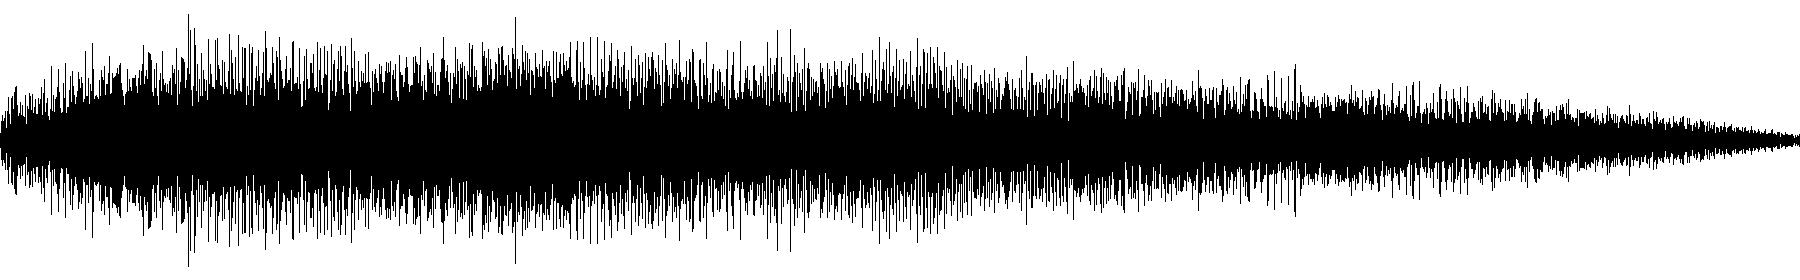 veh2 synths   133 c